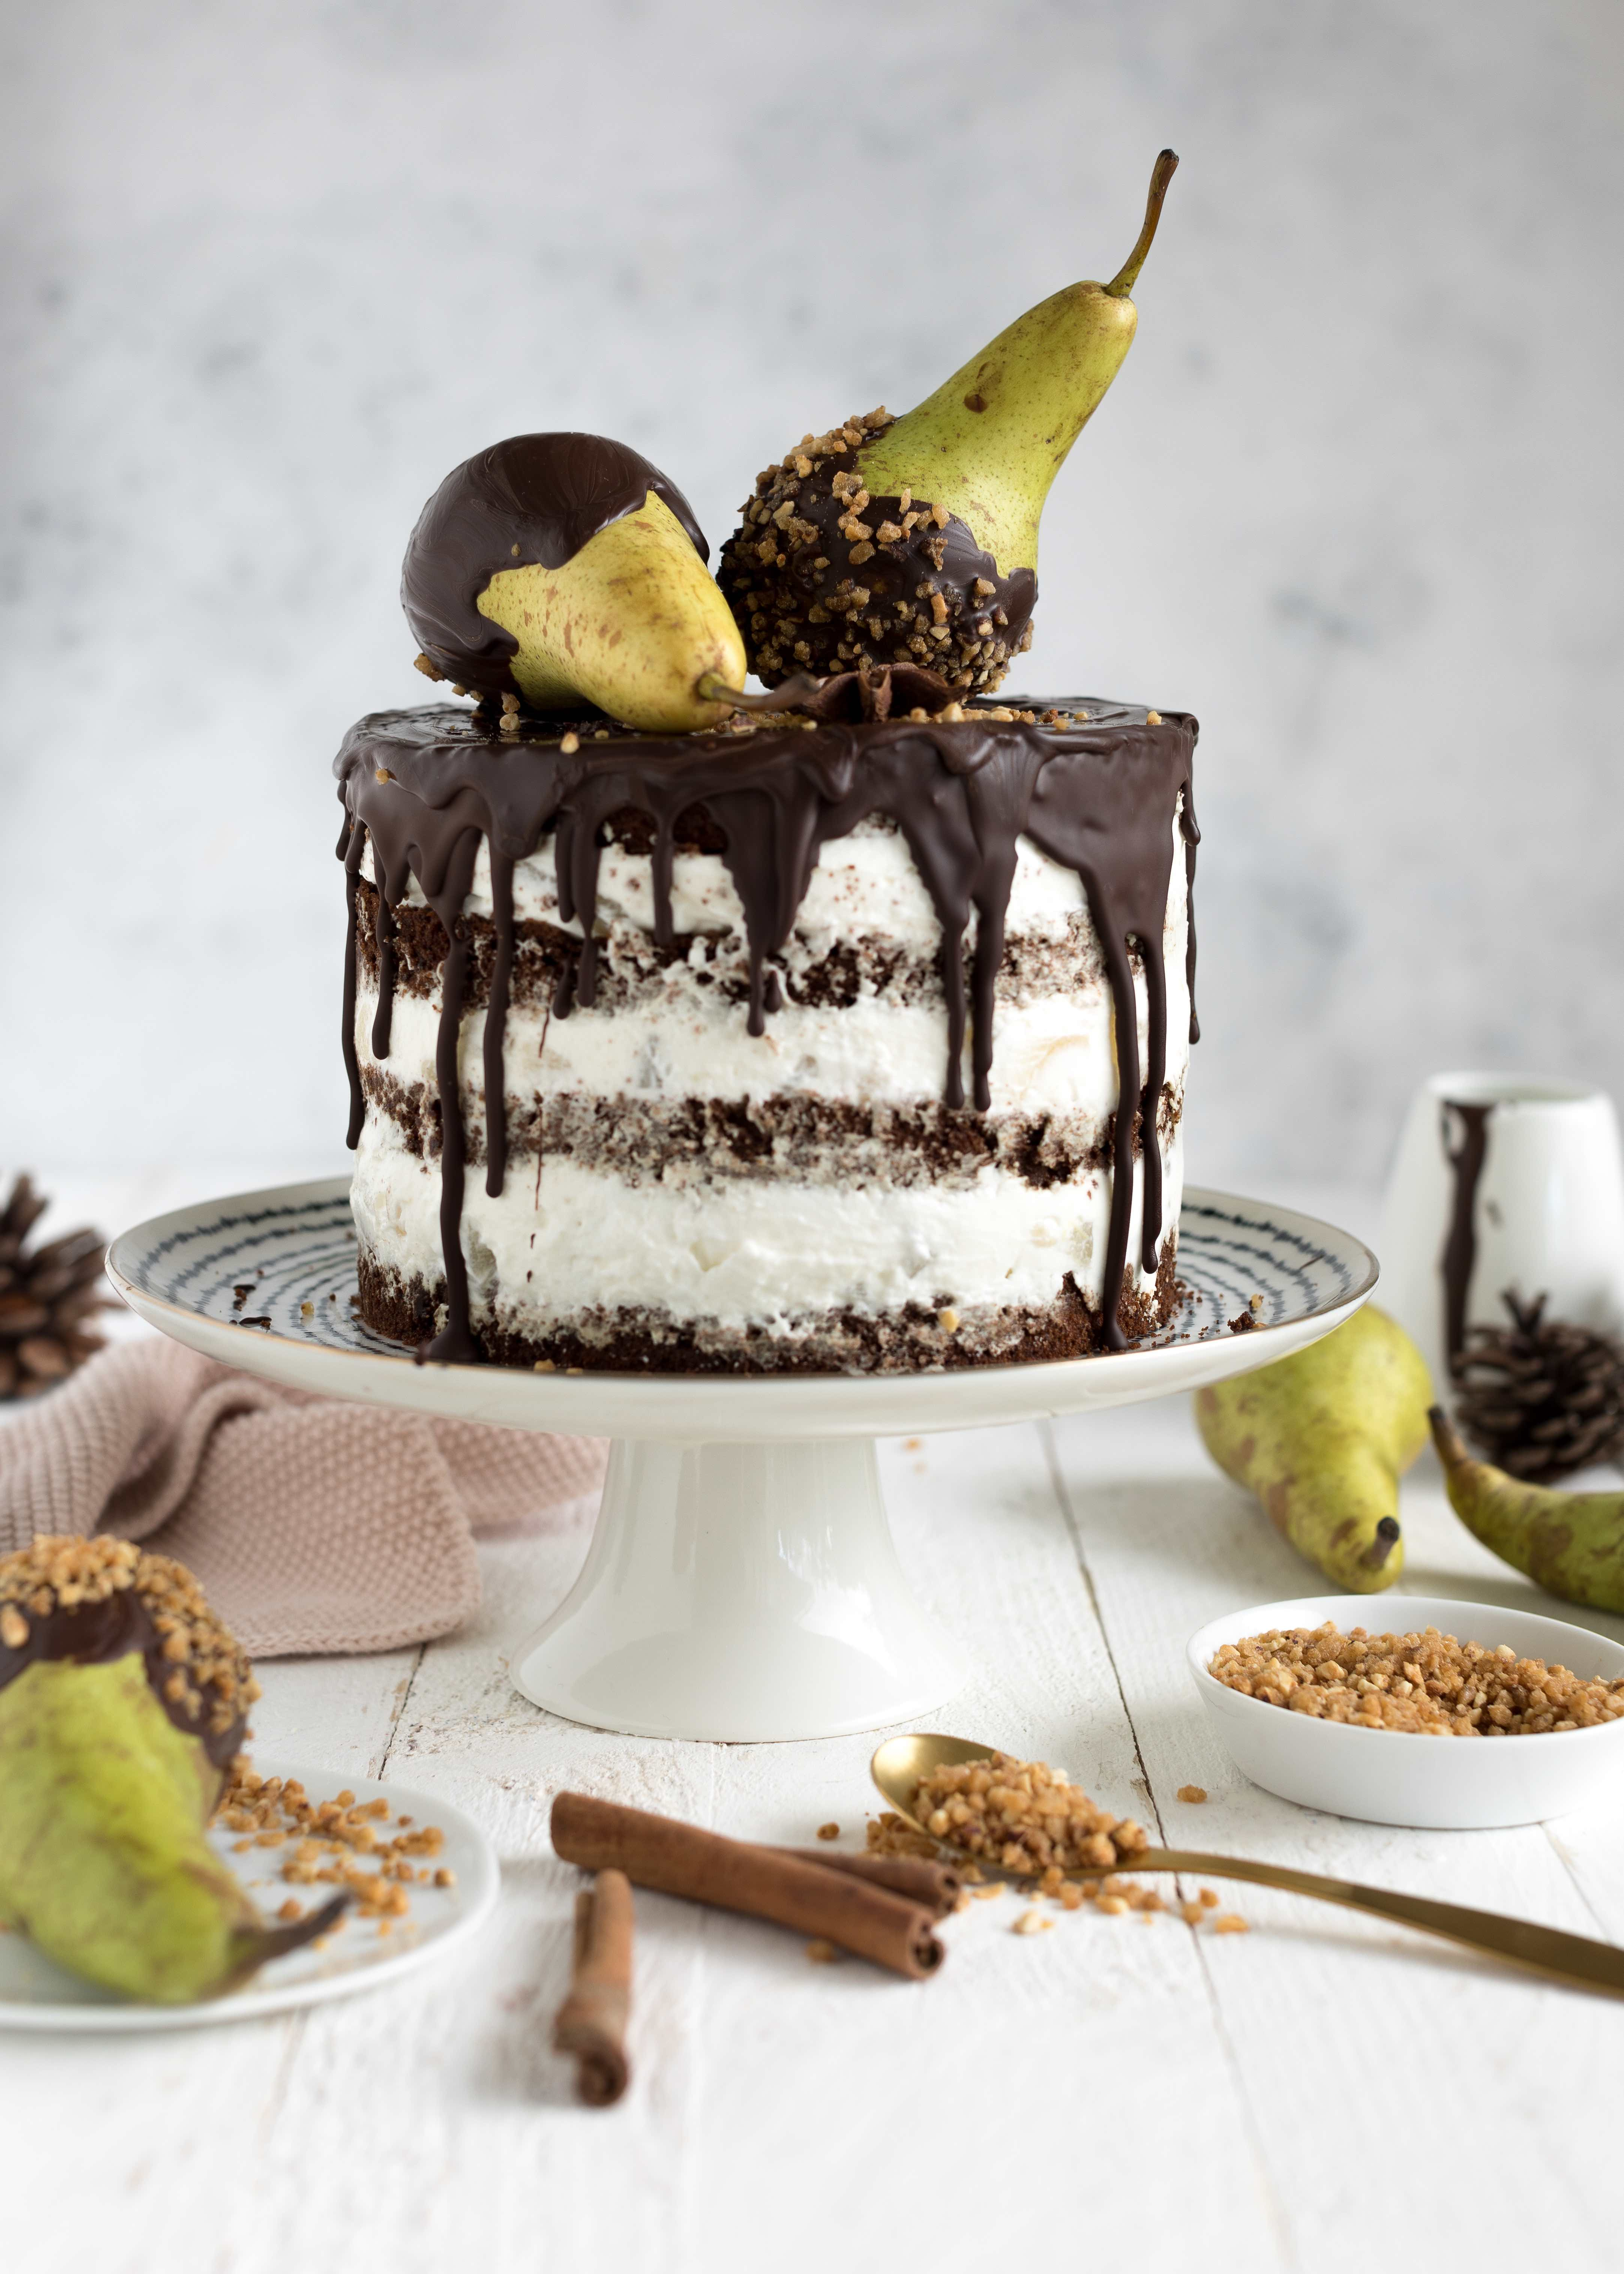 Birnen-Schokoladentorte